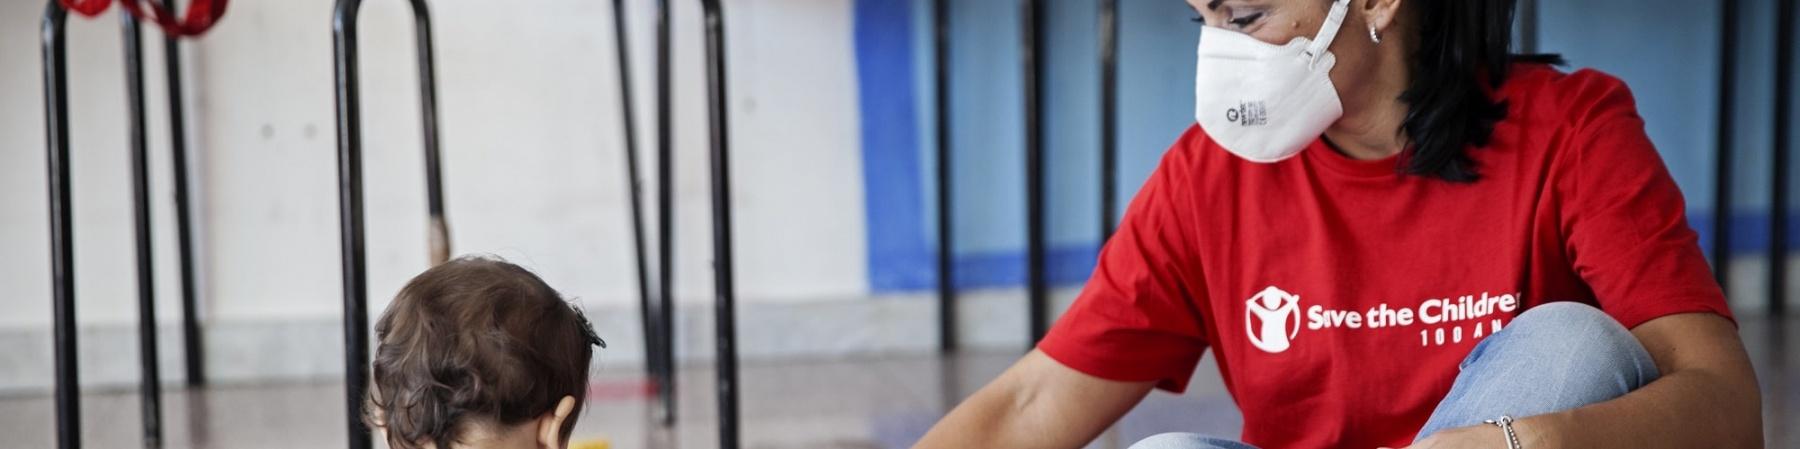 operatrice save the children con maglietta rossa con logo seduta per terra con una bimba di spalle mentre giocano insieme